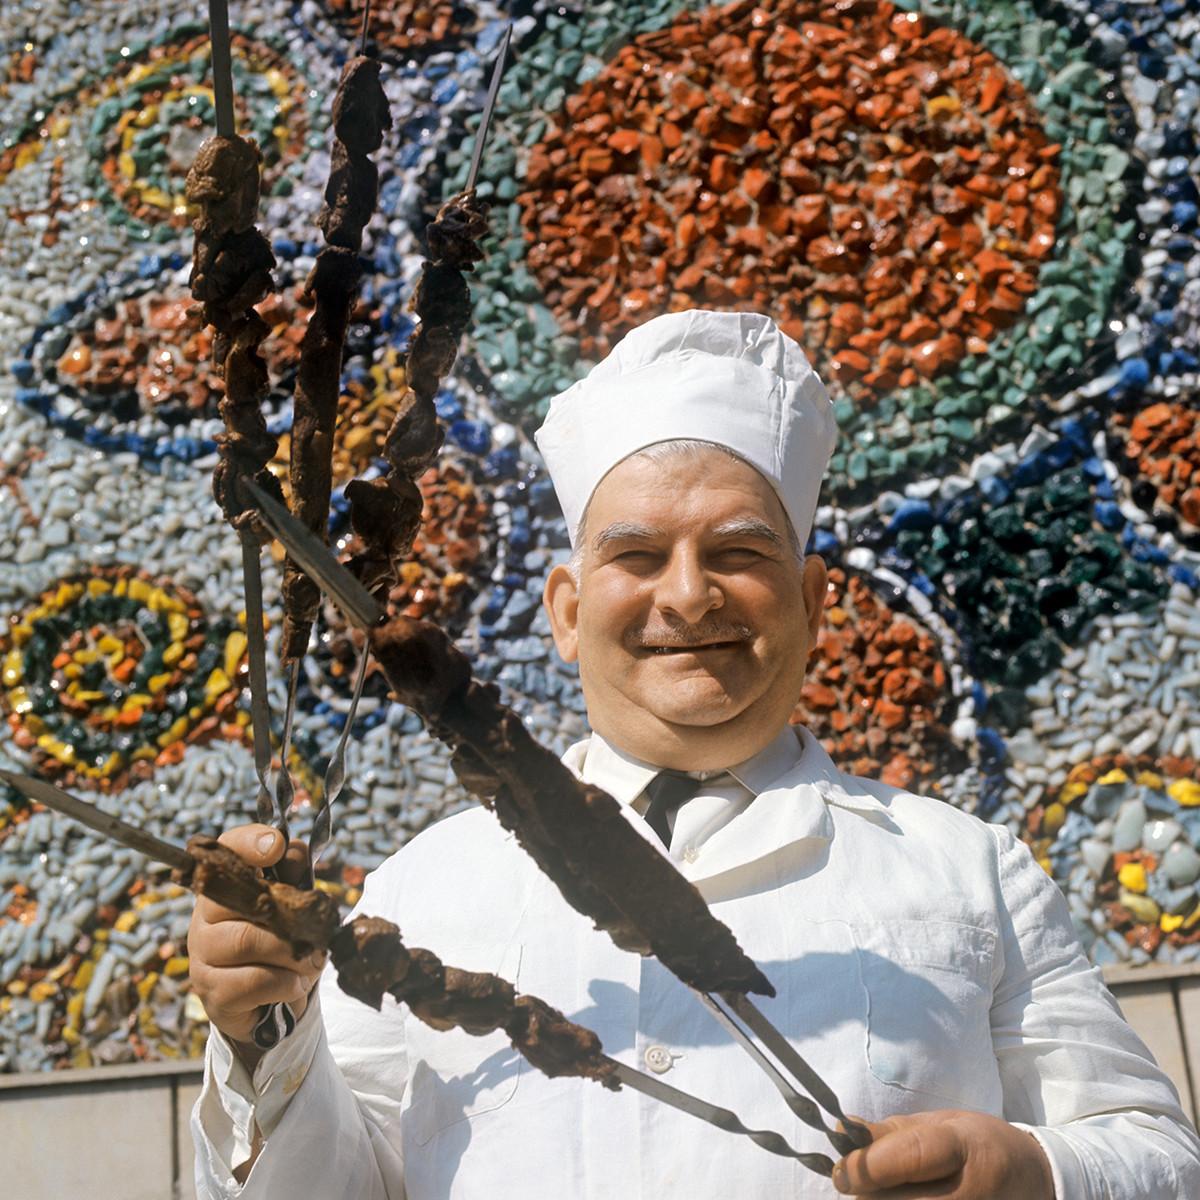 Chef segurando espetos chachlik na Geórgia soviética, 1971